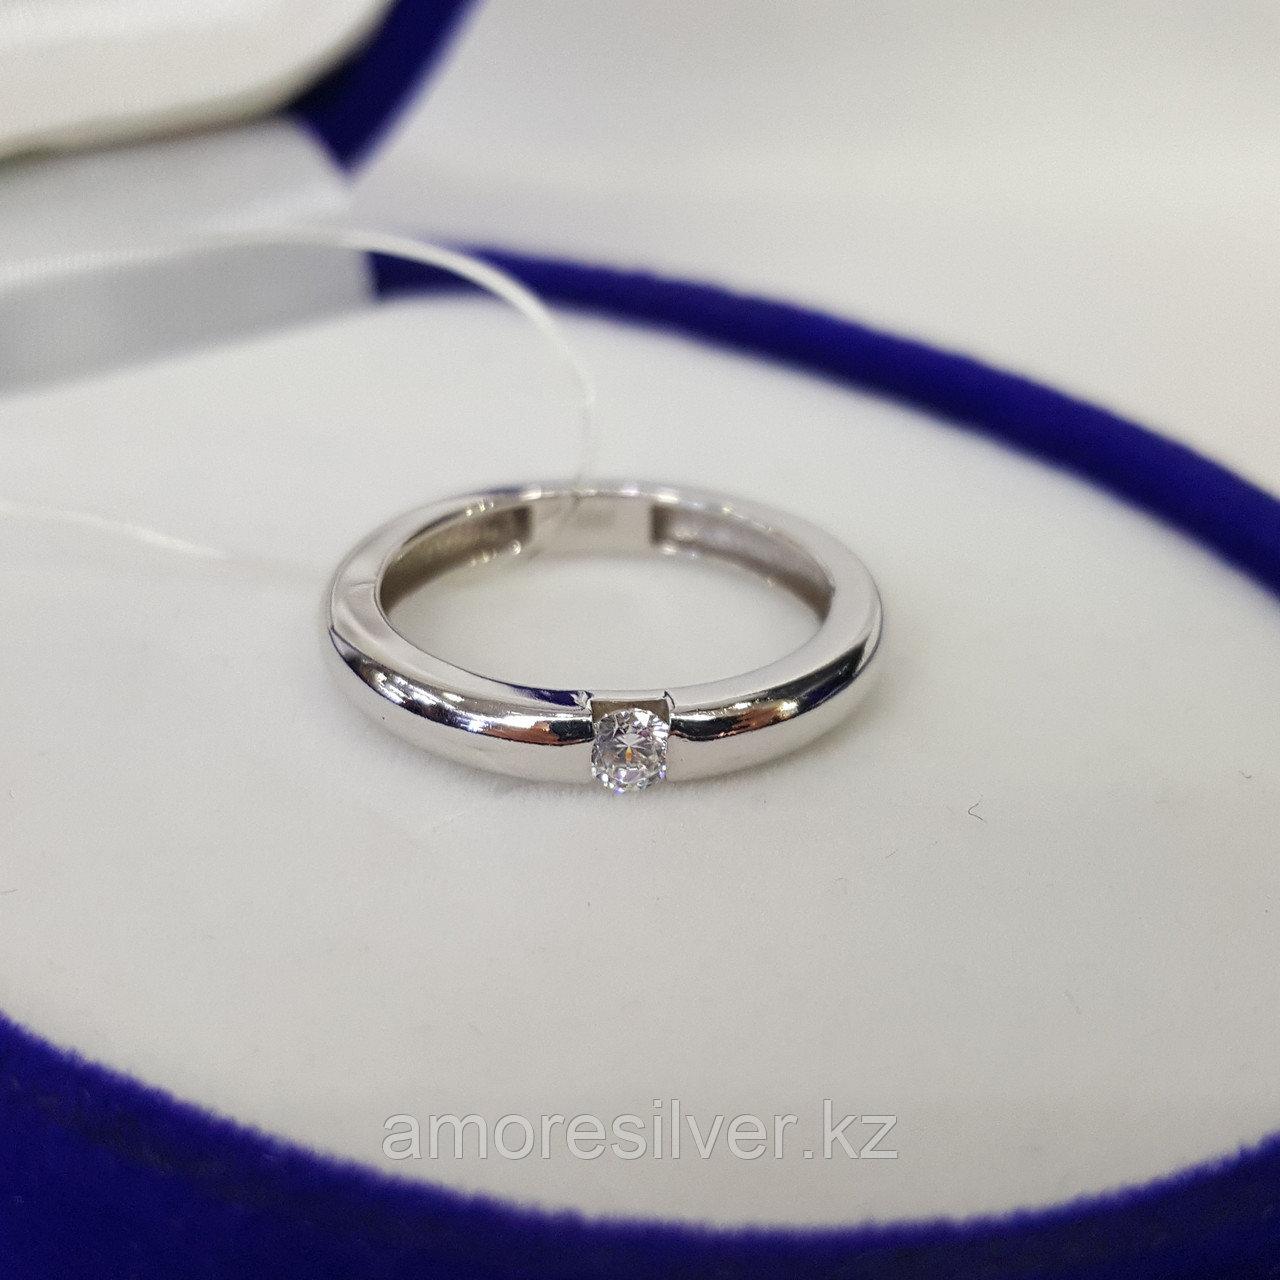 Кольцо SOKOLOV серебро с родием, фианит 94011254 размеры - 15 15,5 16 16,5 17 17,5 - фото 6